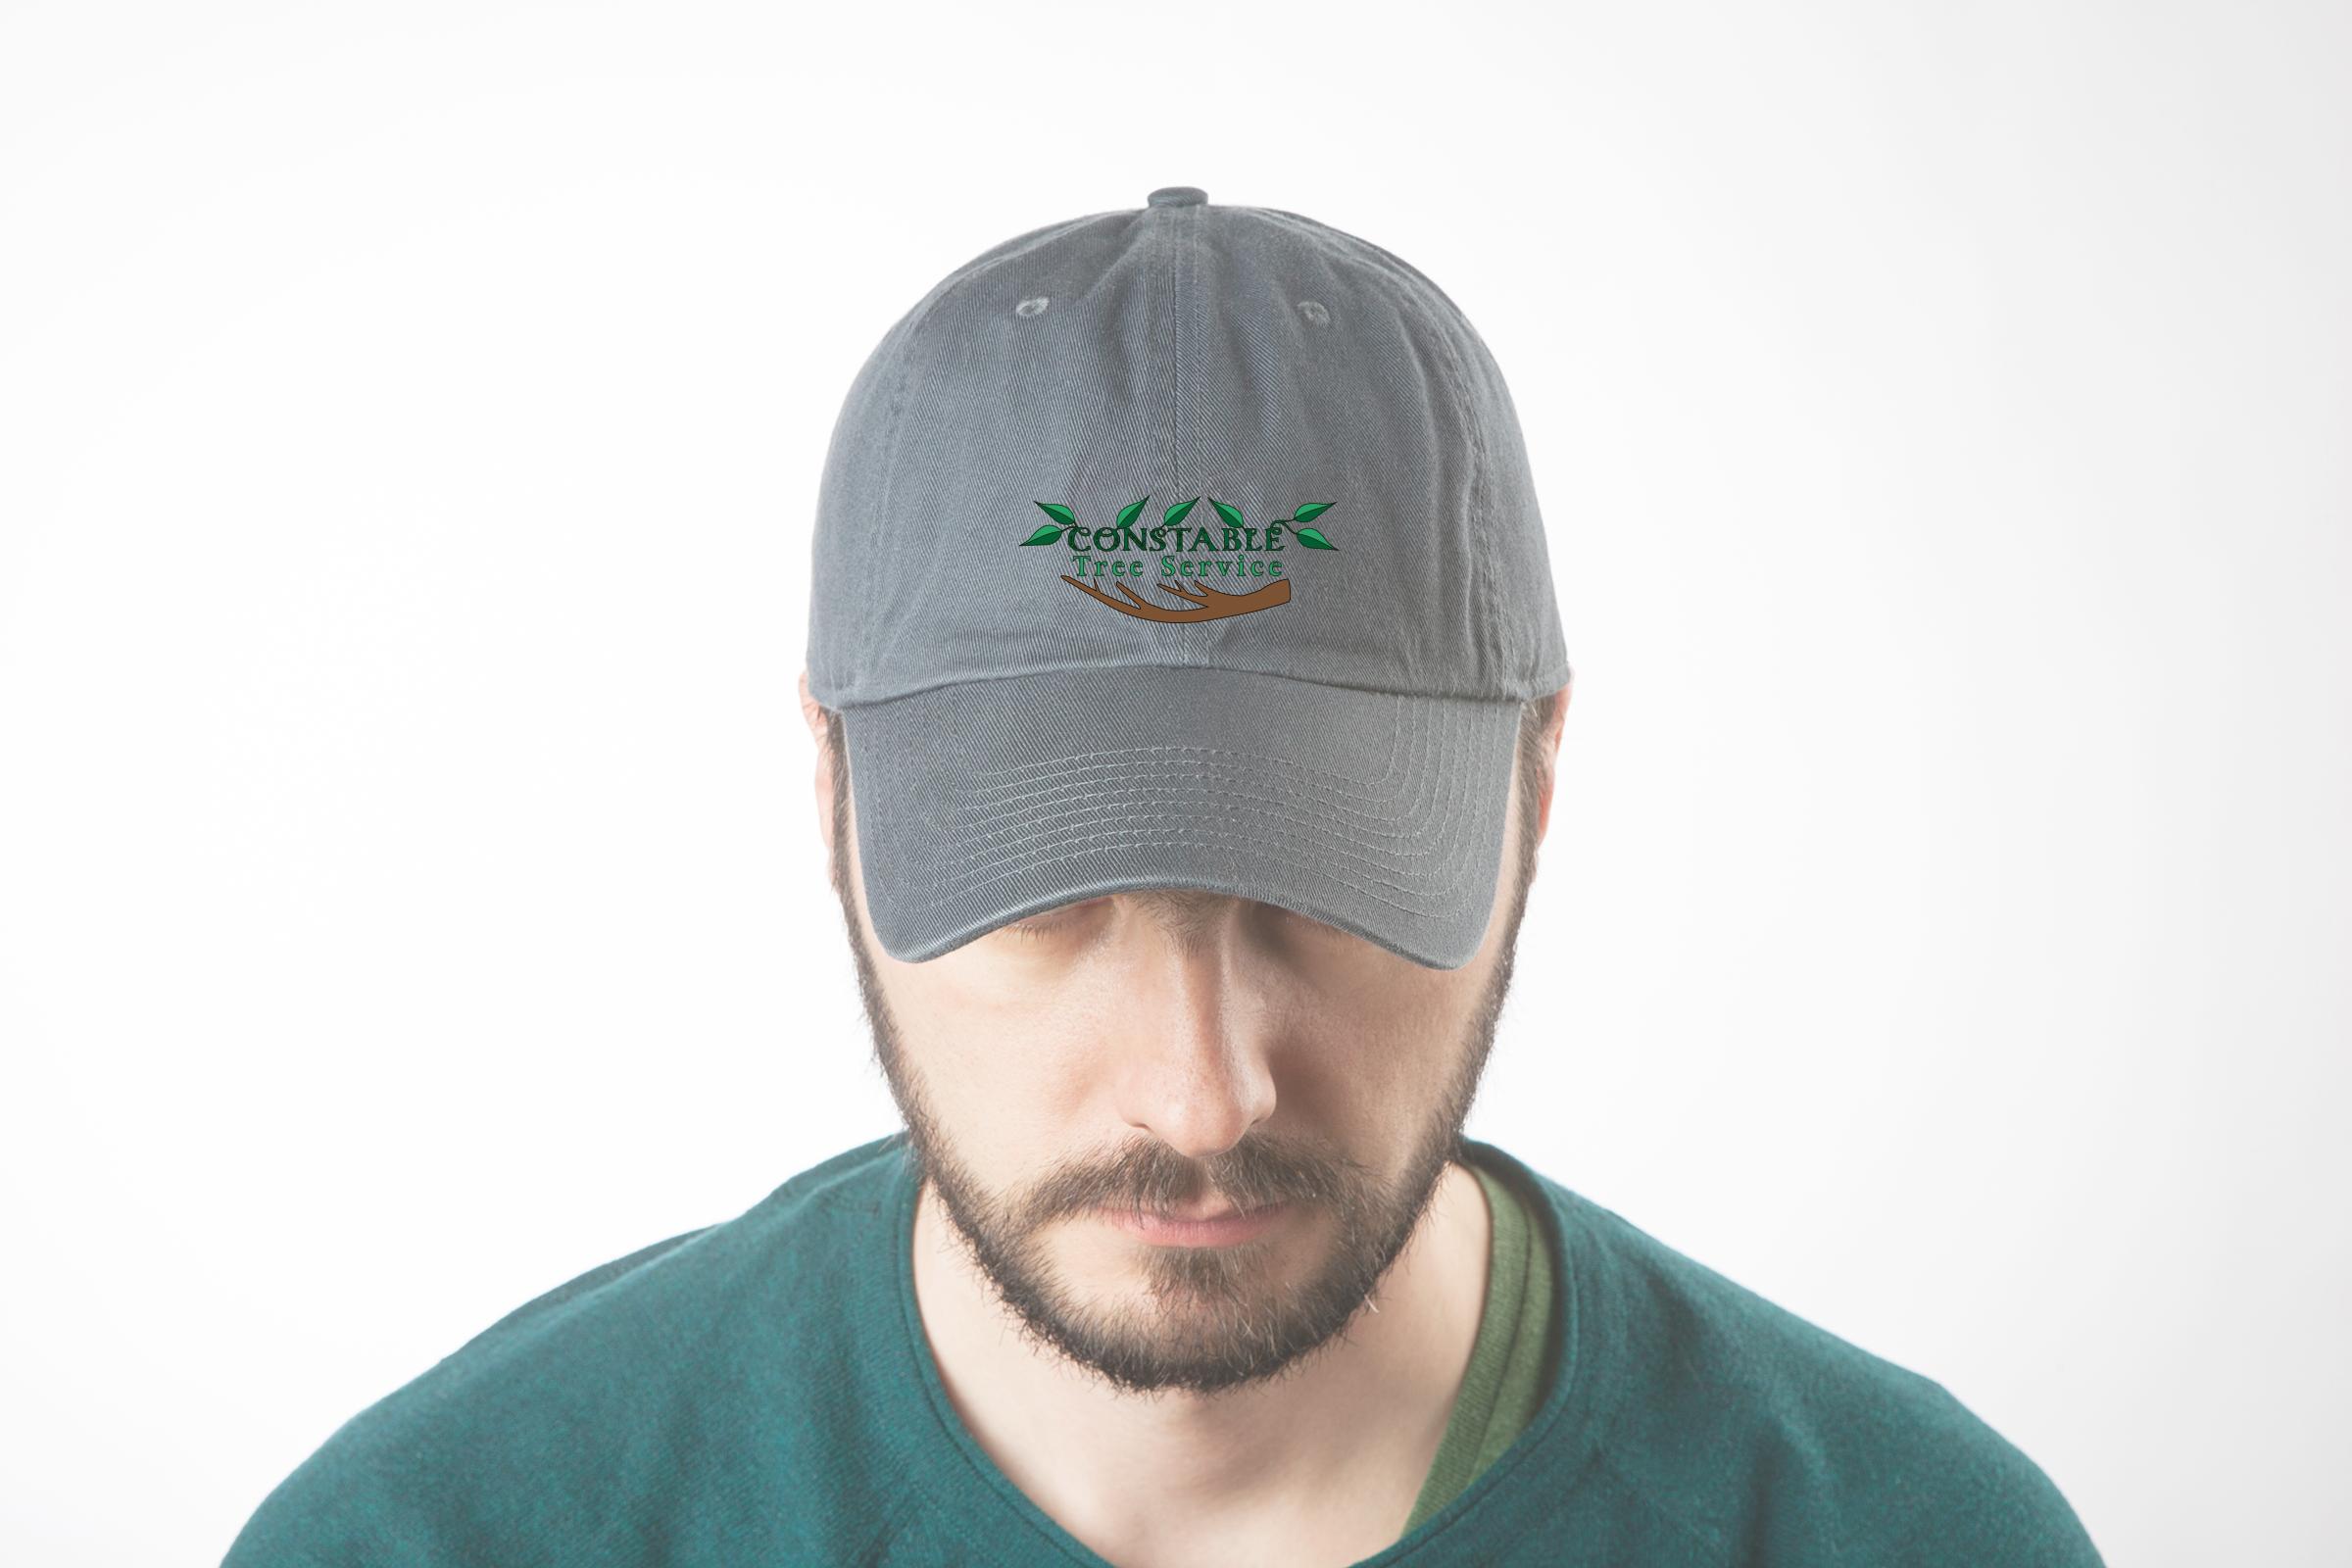 Constables Tree Service Hat